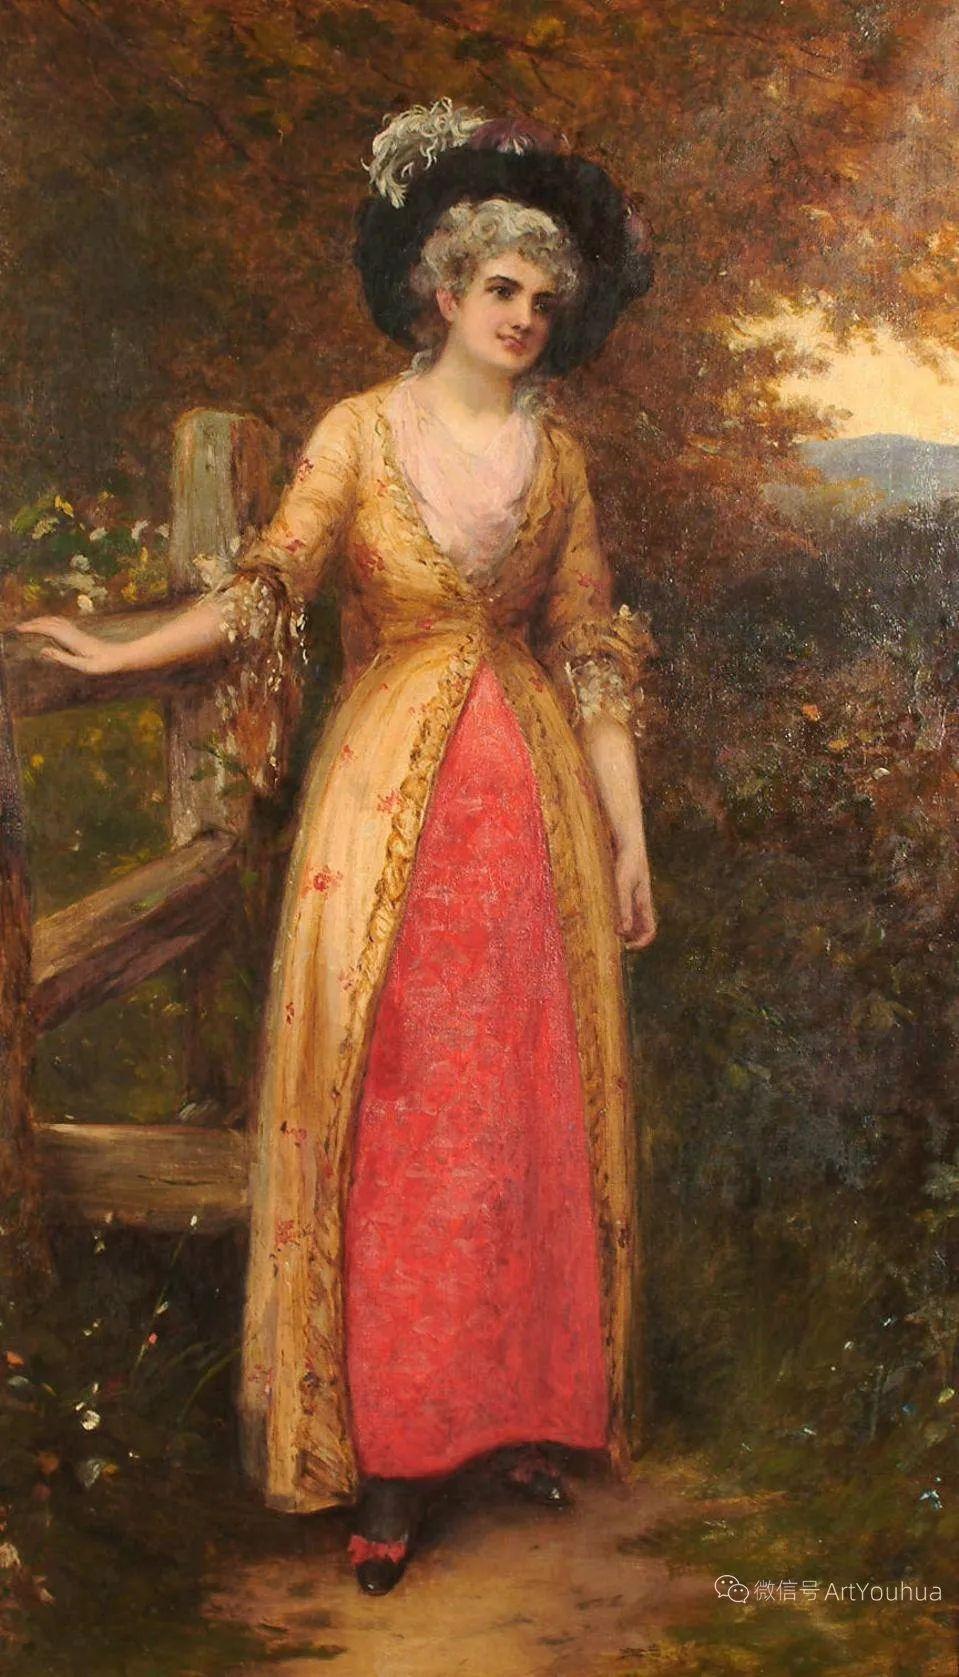 纯情与美丽,英国画家威廉·奥利弗作品选插图83